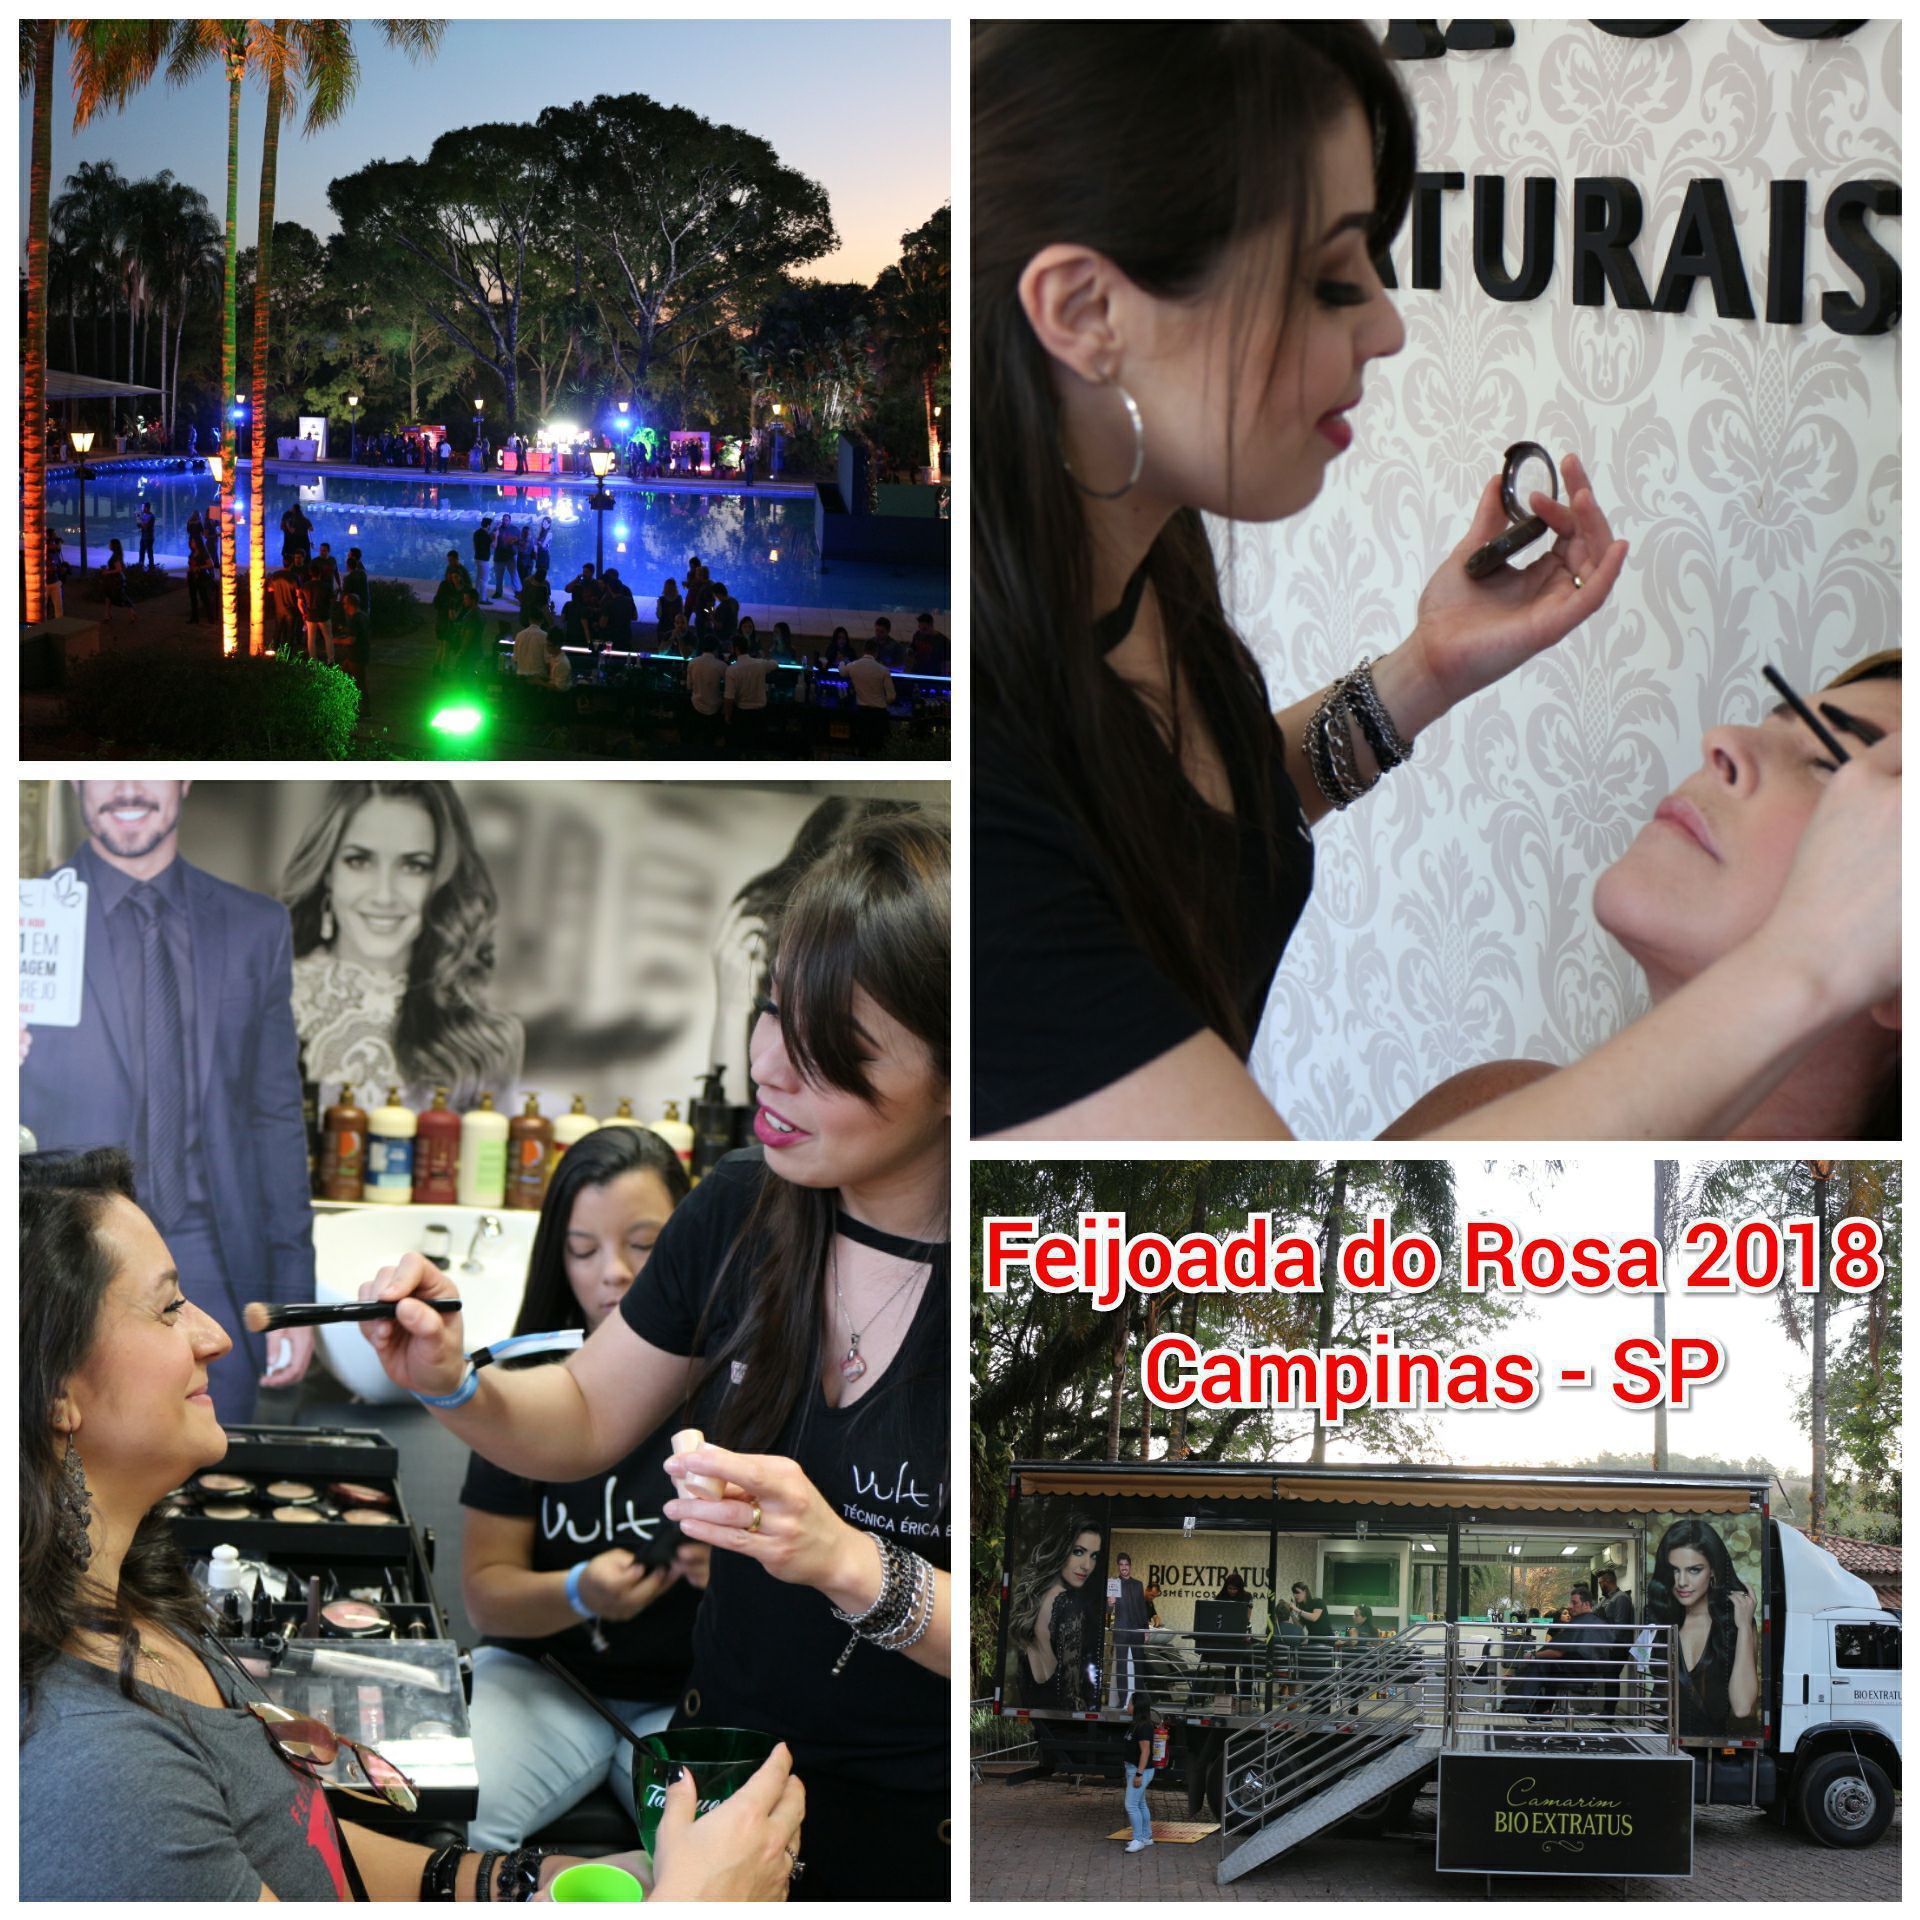 Participação em eventos do interior de São Paulo!  Acima fotos do evento Feijoada do Rosa 2018 realizado na Fazenda Santa Margarida em Campinas-SP. maquiagem maquiador(a) consultor(a) designer de sobrancelhas